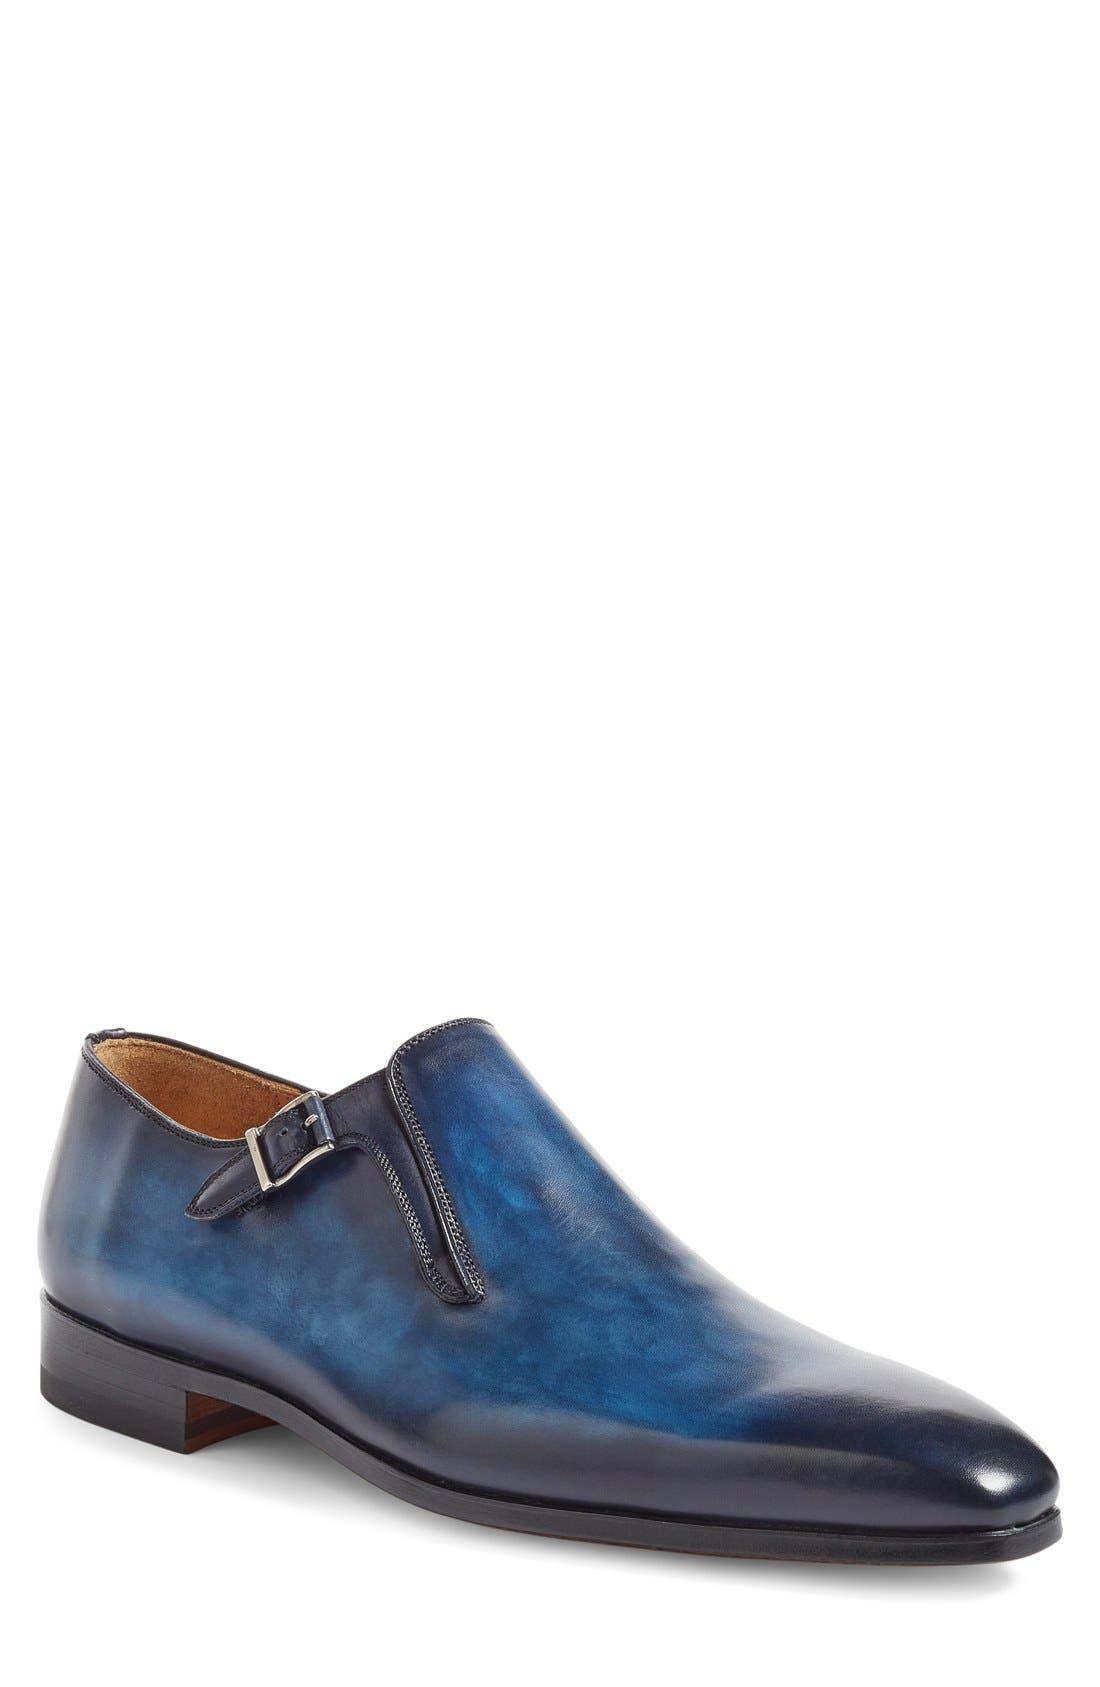 Beltran Monk Strap Shoe,                             Main thumbnail 1, color,                             410